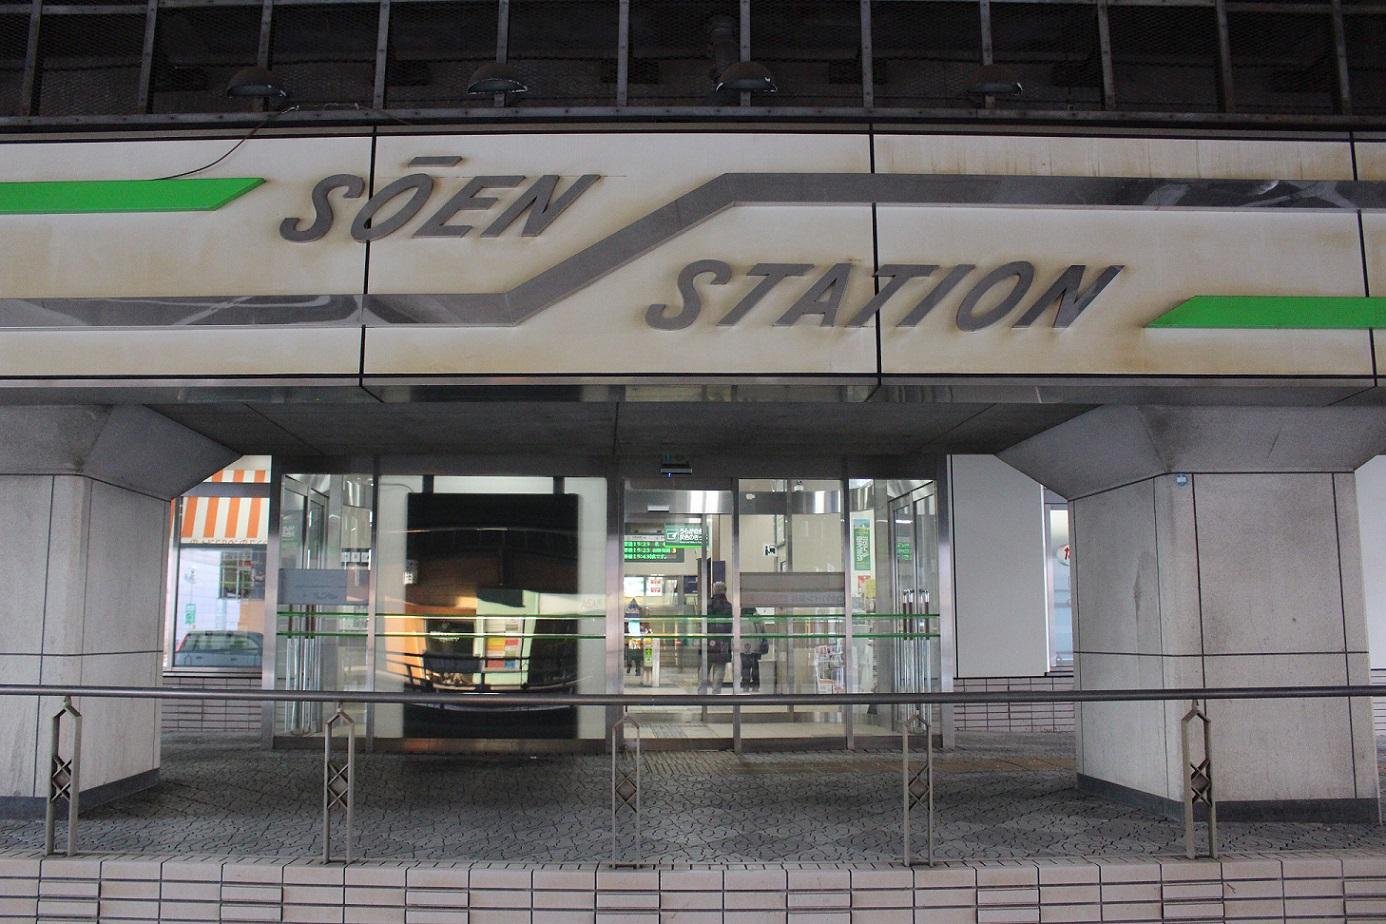 学園都市線地区駅n03(桑園駅)